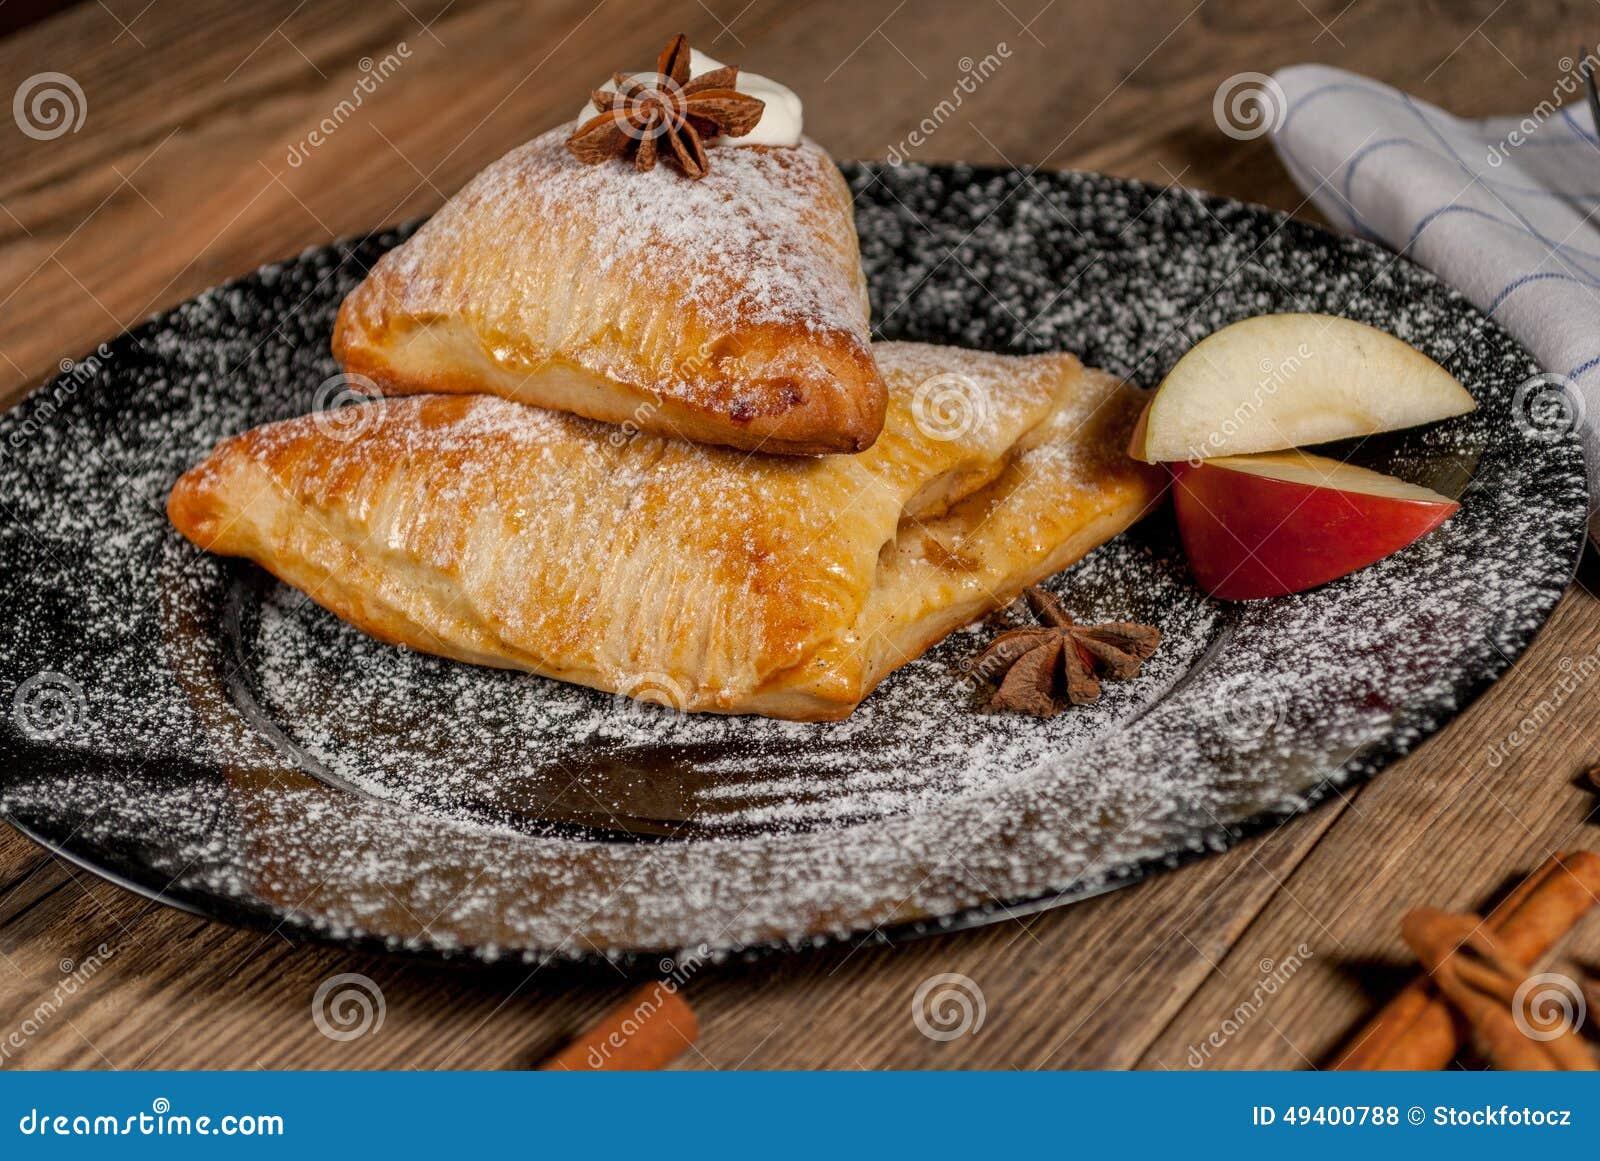 Download Gebackener Apfel In Der Weißen Platte Stockfoto - Bild von gebacken, krümel: 49400788